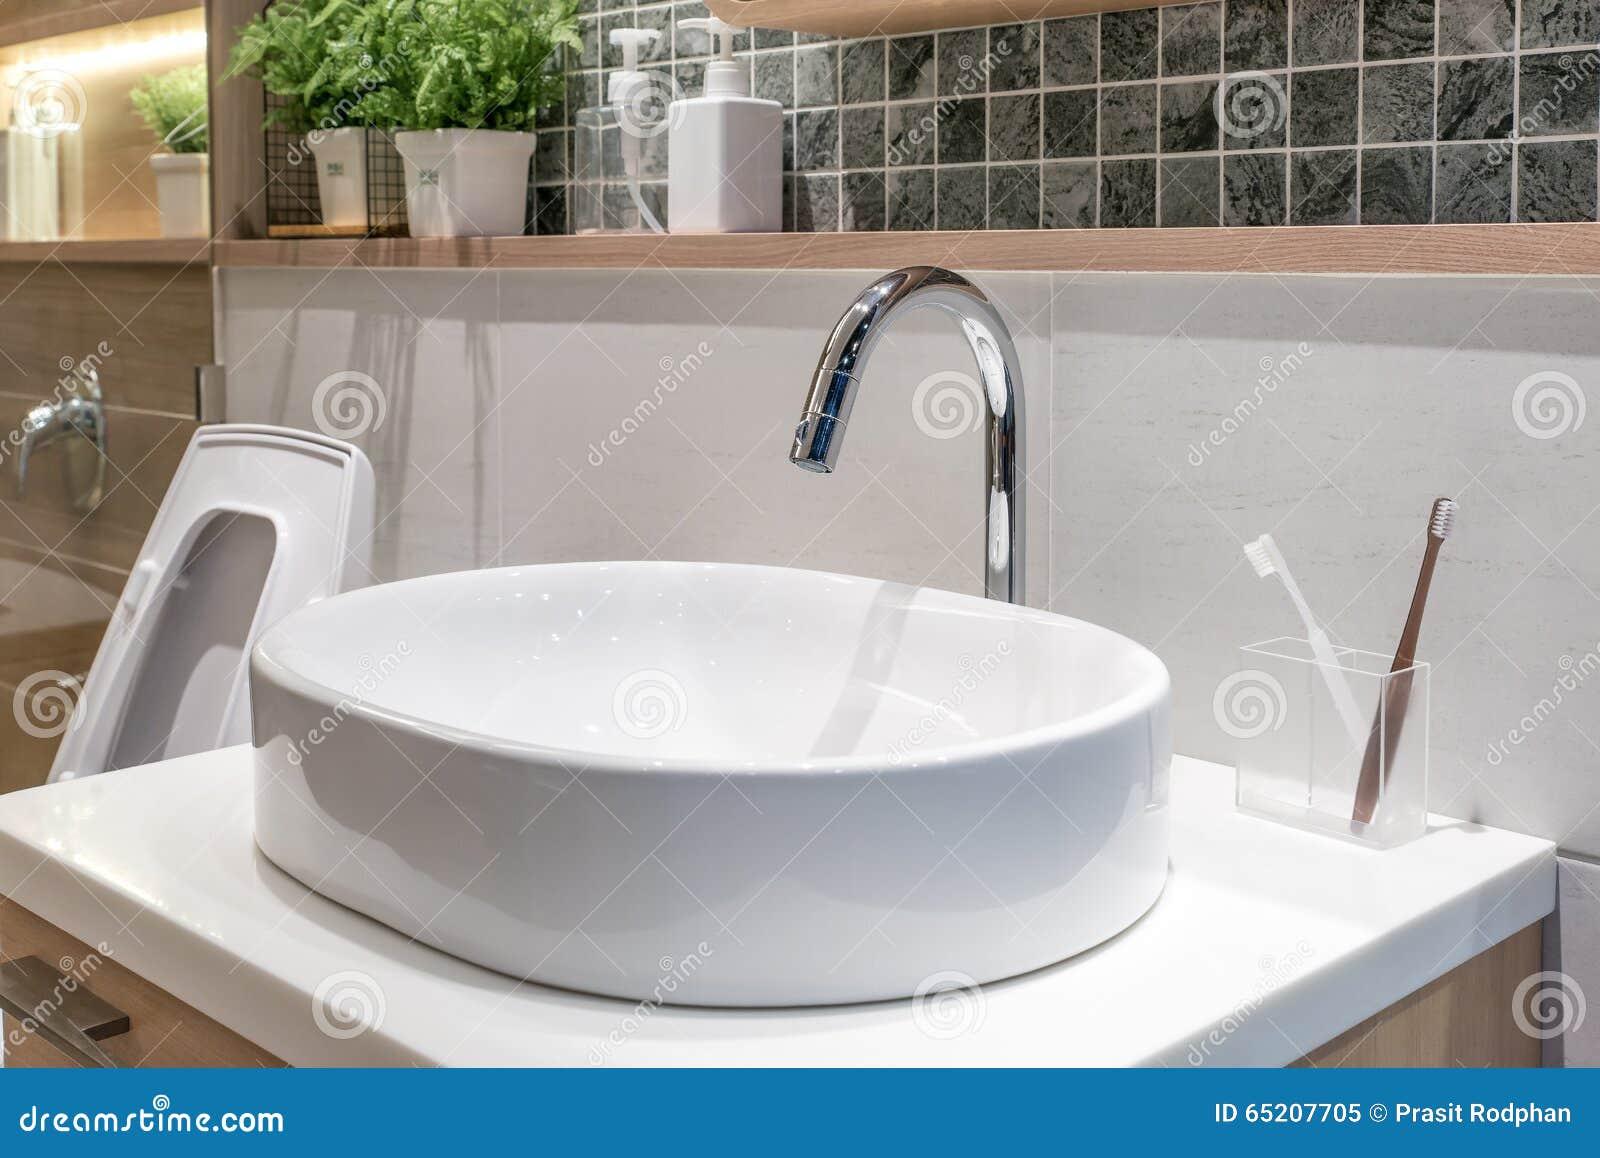 Waschbecken Mit Dekoration Im Badezimmer Stockbild Bild Von Hahn